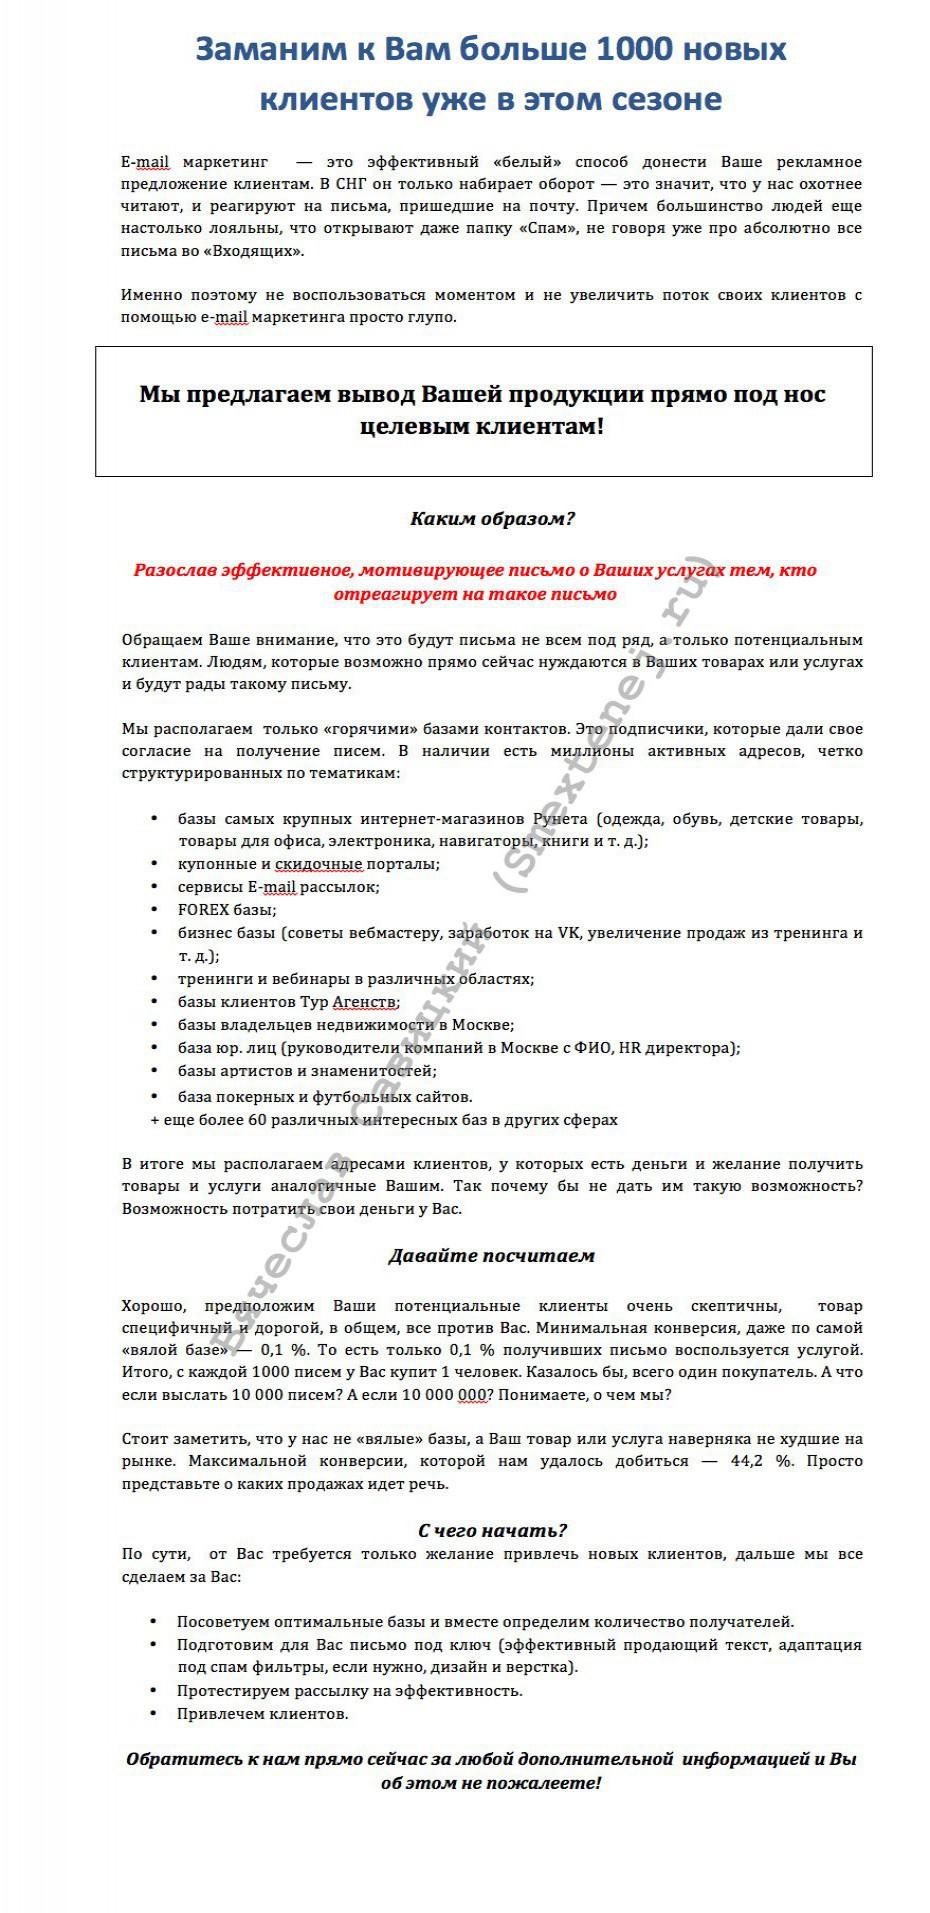 Коммерческое предложение на заказ: е-мейл маркетинг